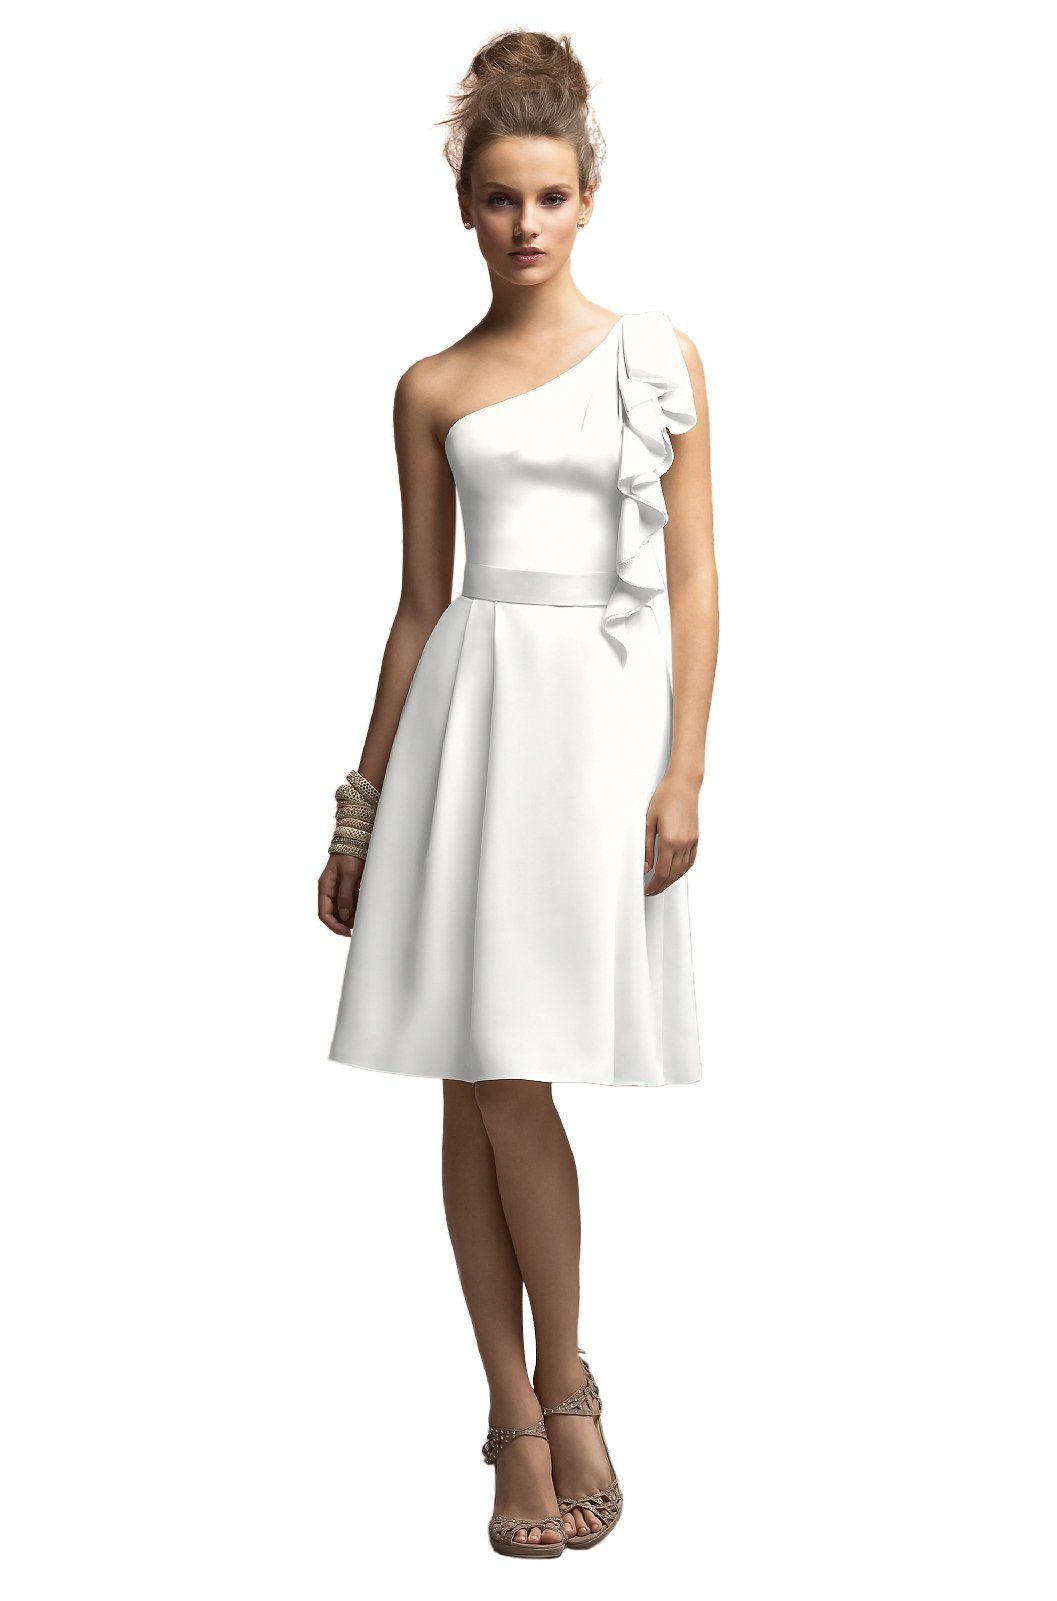 Springsummer short simple wedding dress white pinterest